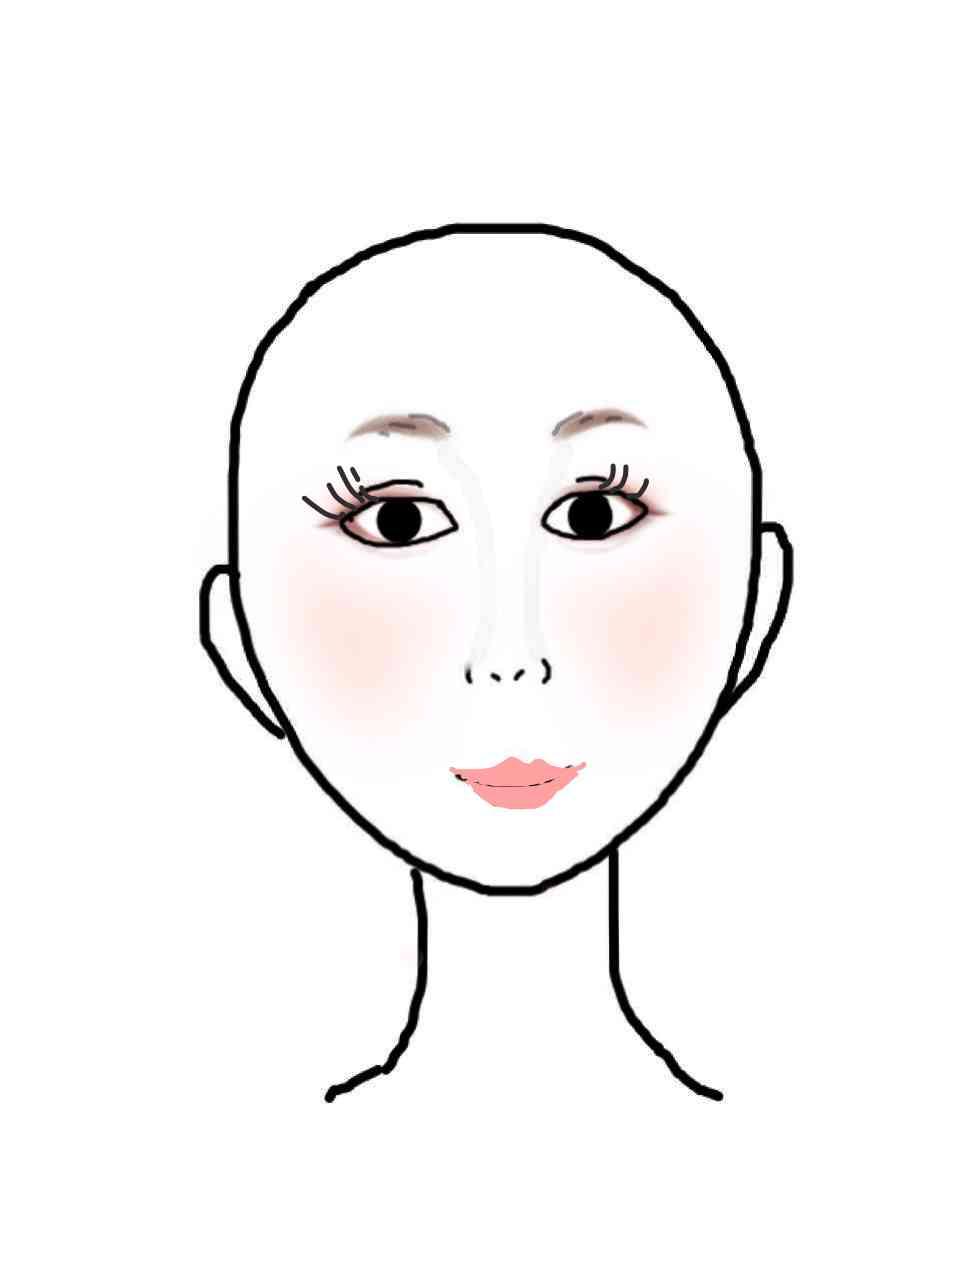 【お絵かき】私に化粧して下さいませんか【メイク】